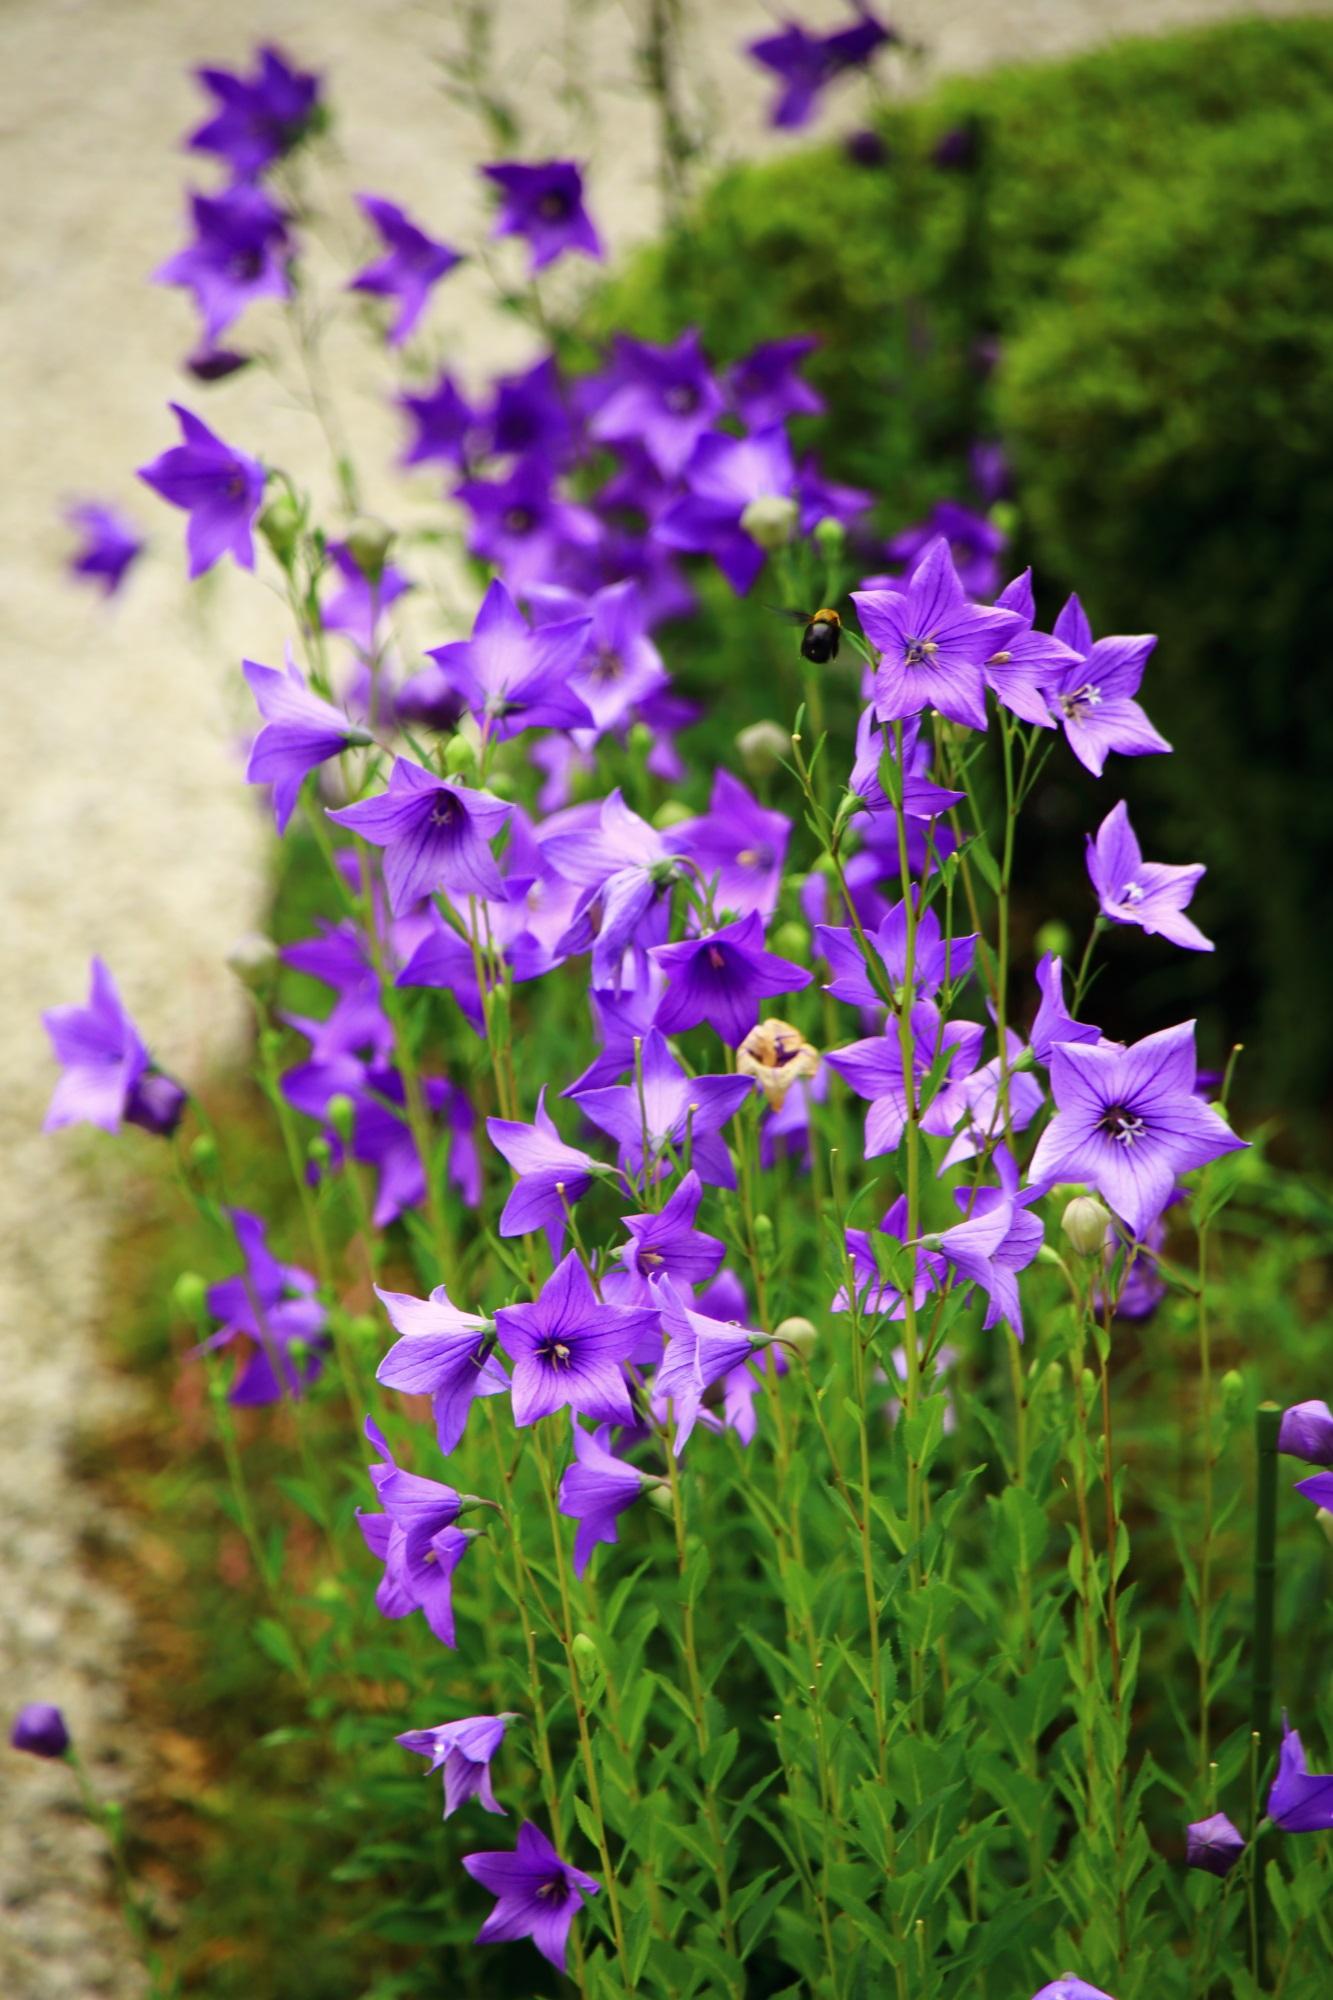 ききょうの花の淡く美しい紫色と蜂